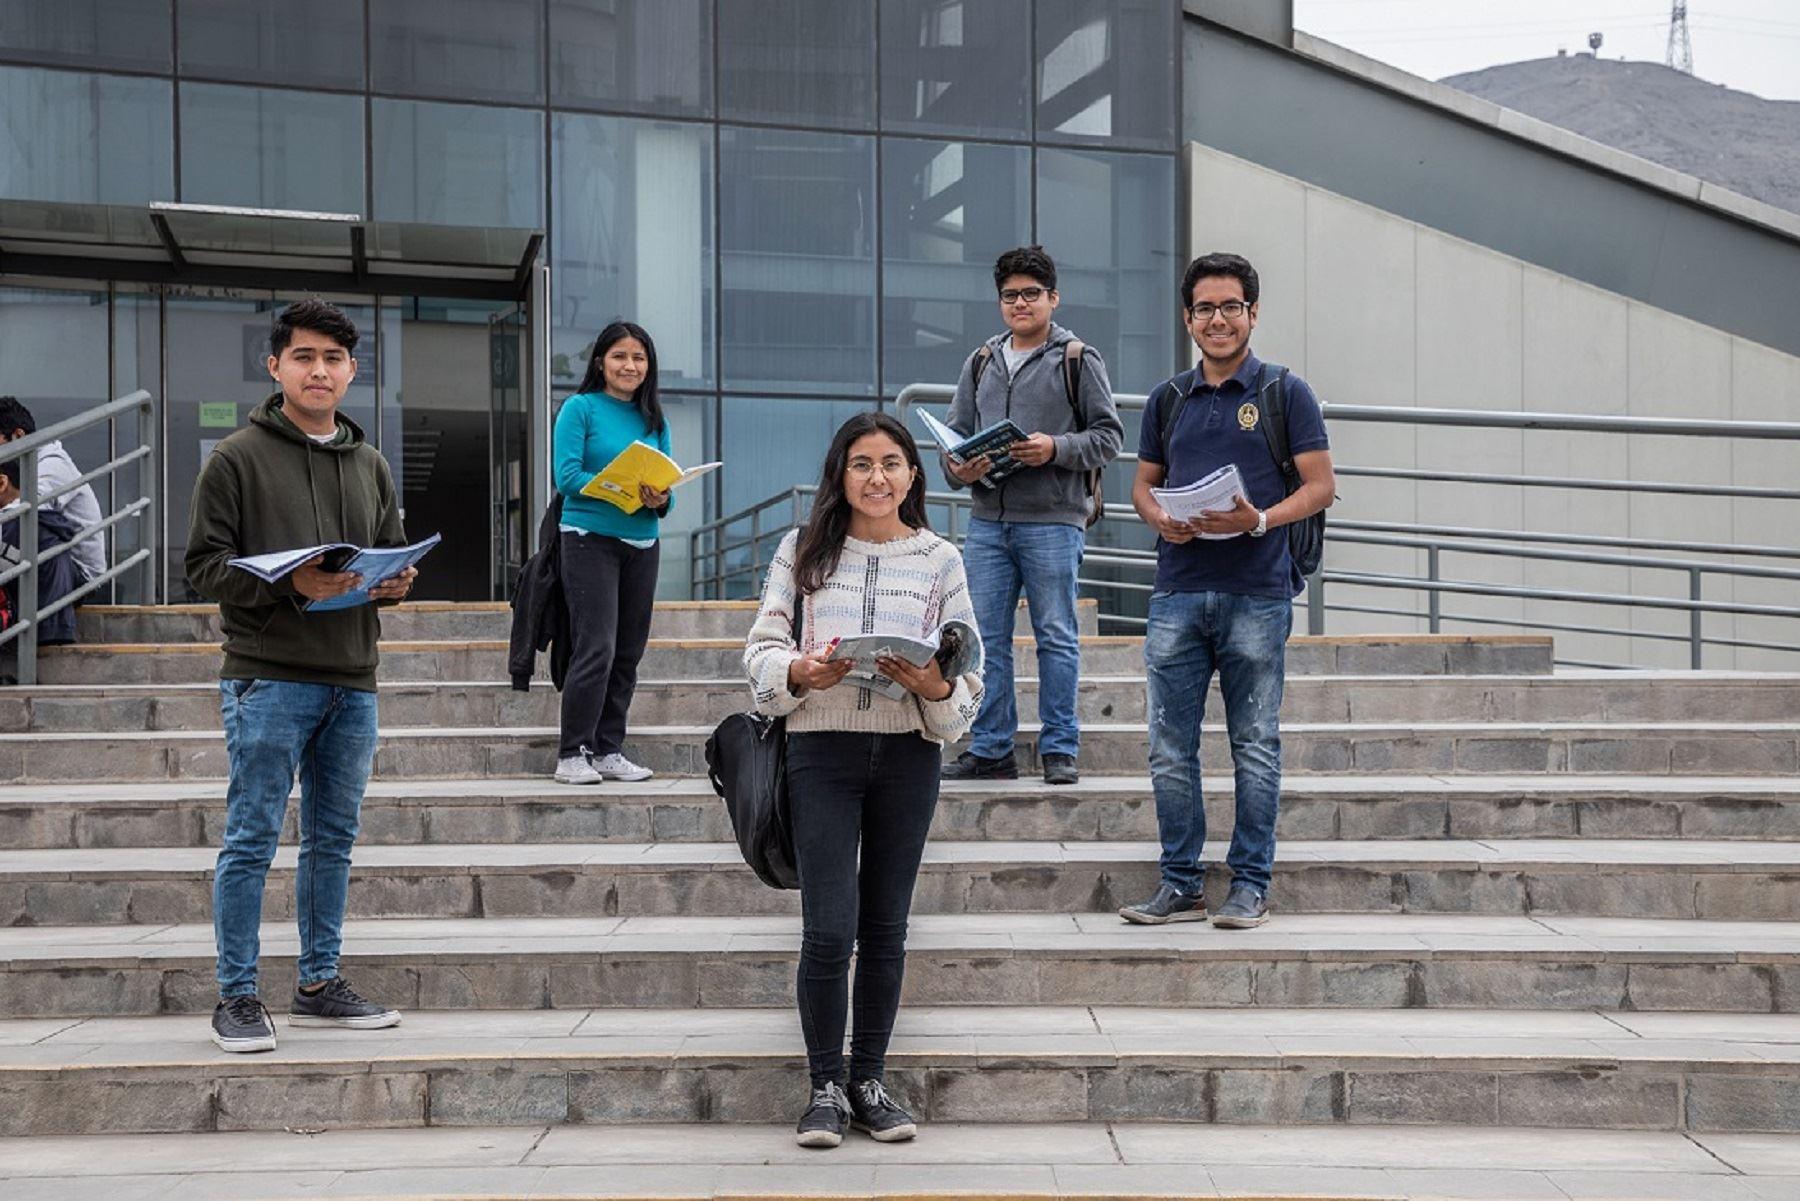 El Programa Nacional de Becas y Crédito Educativo (Pronabec) del Ministerio de Educación publicó la lista de 8,470 jóvenes talentos de universidades públicas seleccionados del concurso Beca Permanencia 2020.